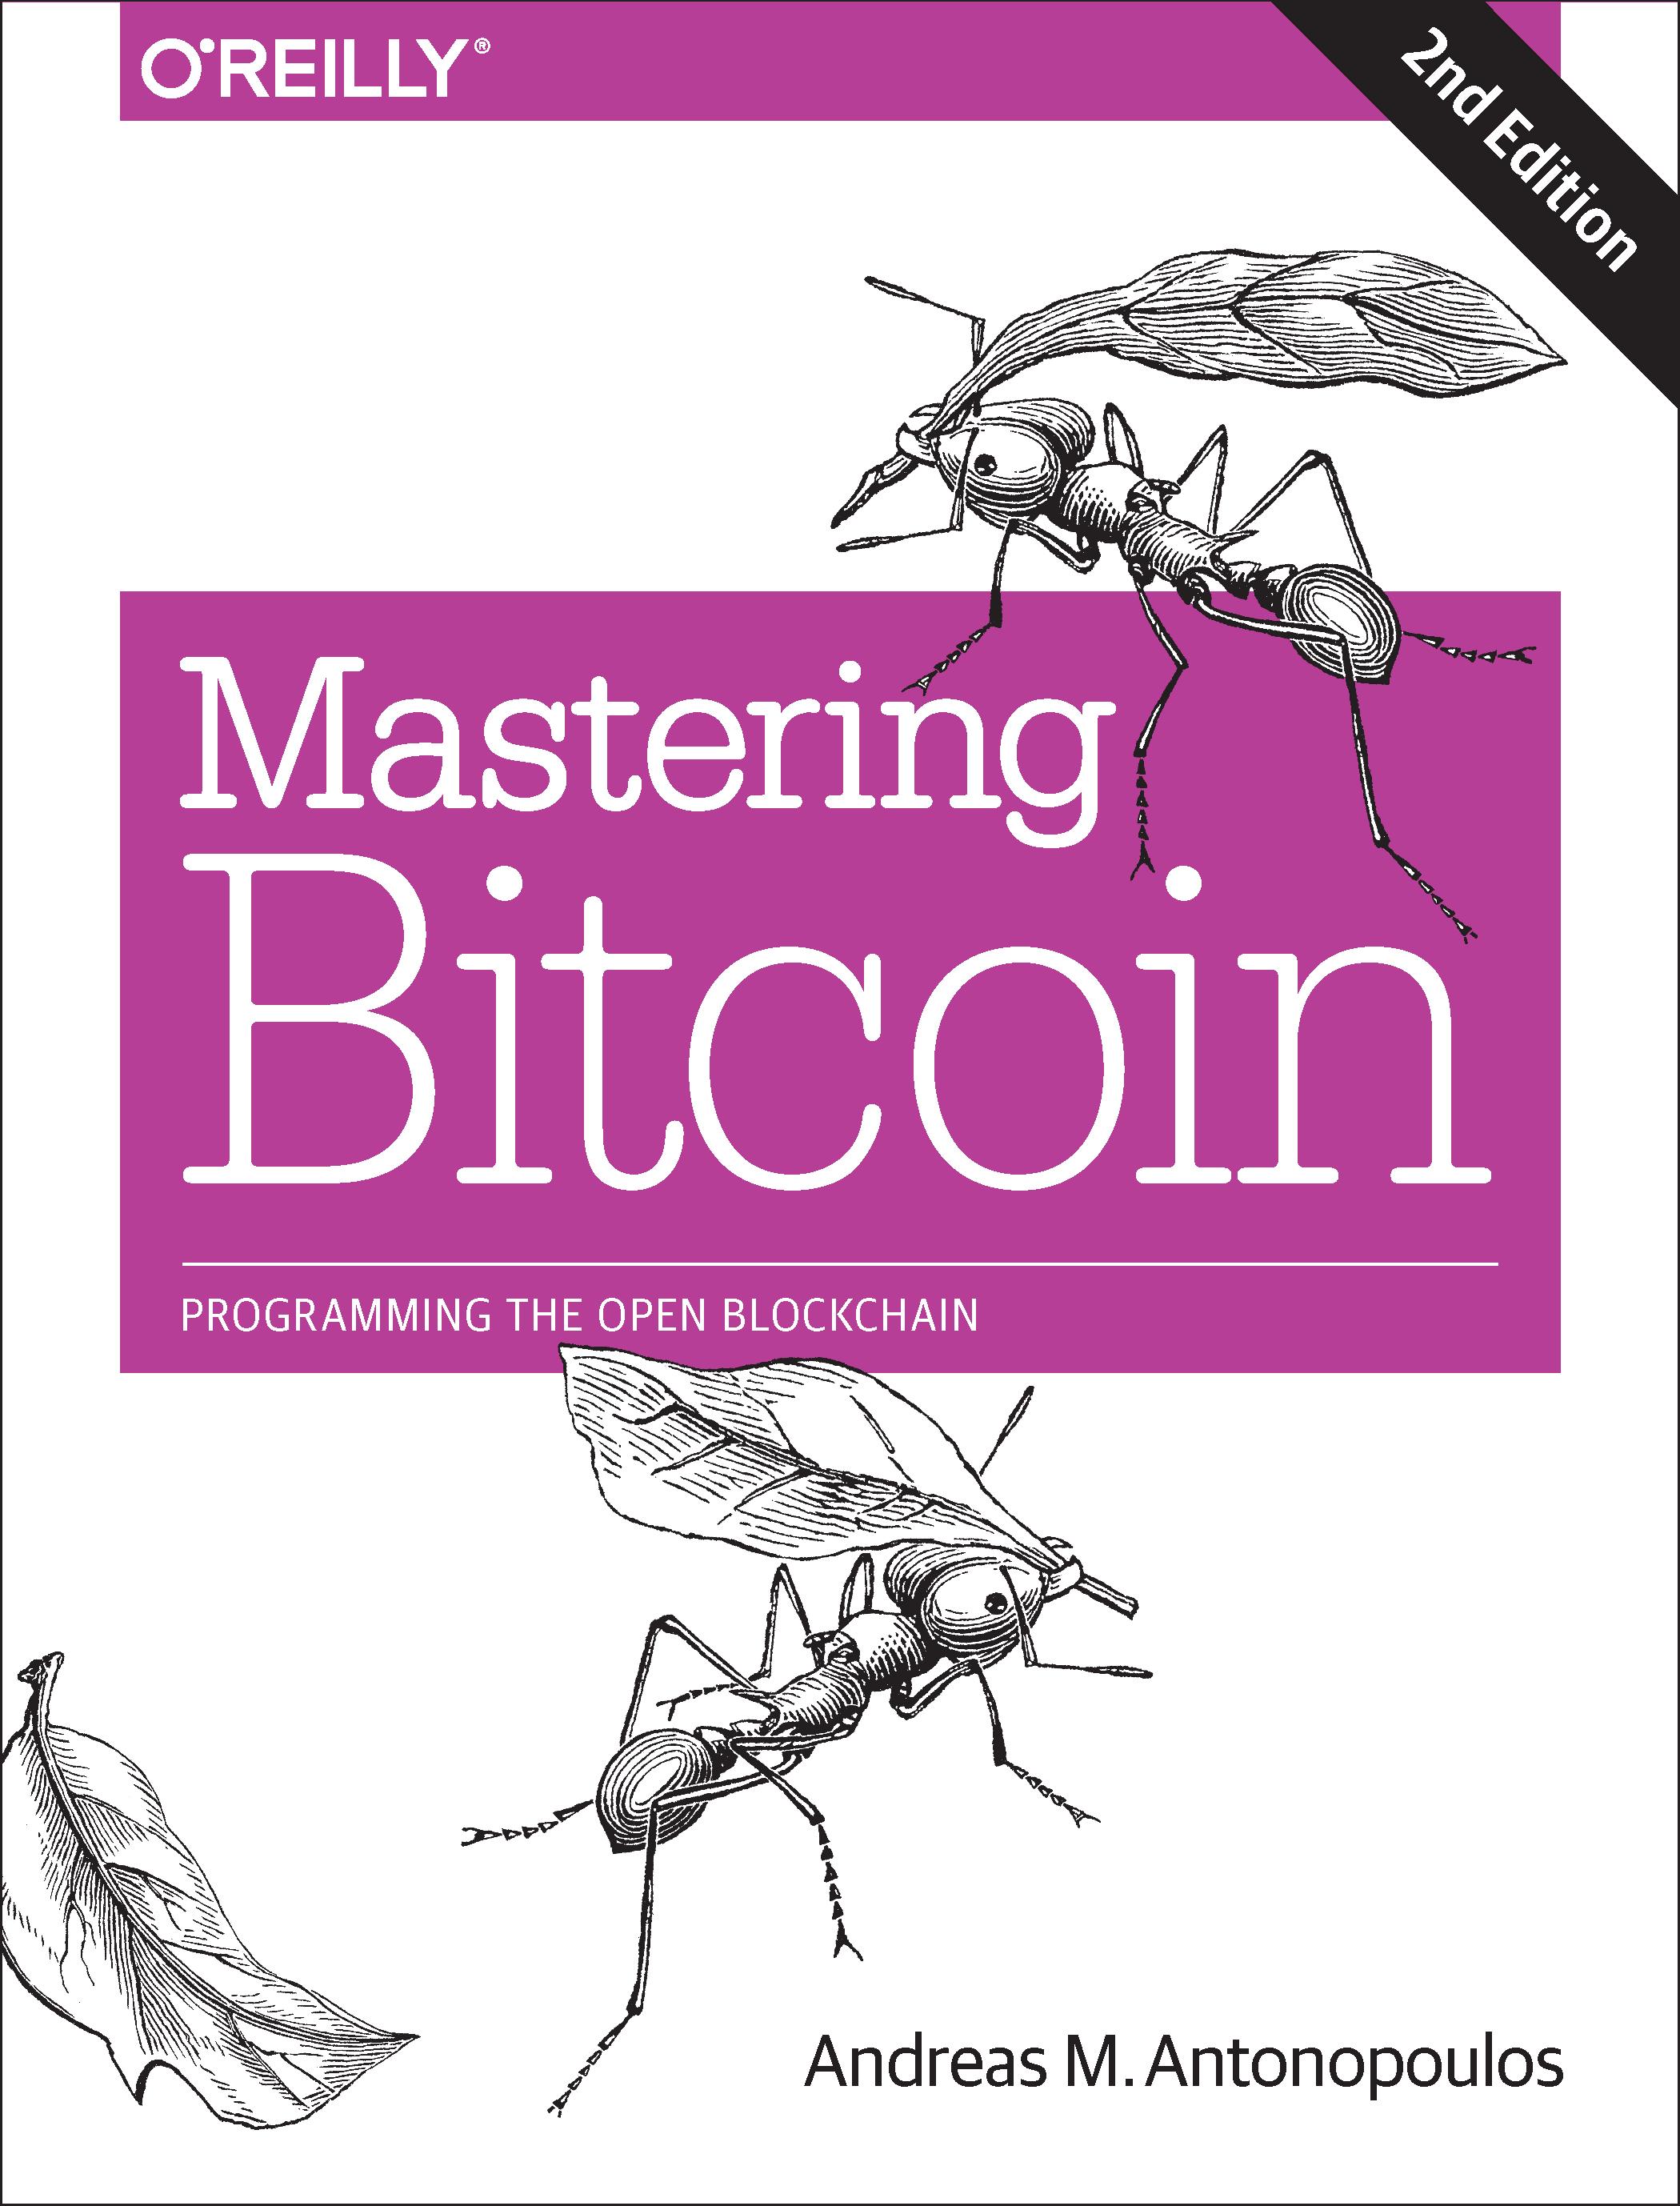 [ebook pdf] Mastering Bitcoin - O'Reilly